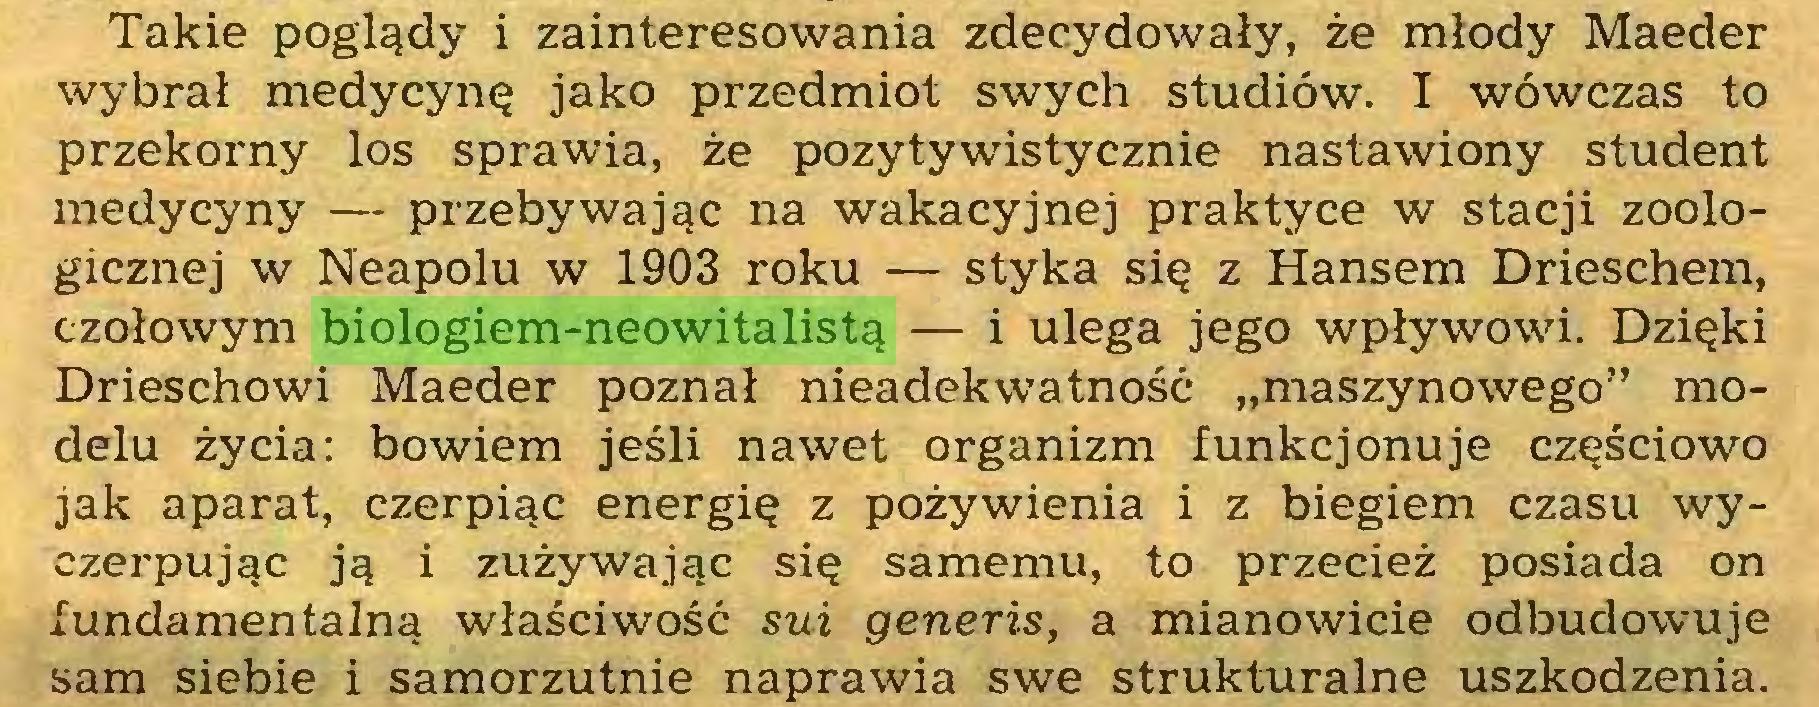 """(...) Takie poglądy i zainteresowania zdecydowały, że młody Maeder wybrał medycynę jako przedmiot swych studiów. I wówczas to przekorny los sprawia, że pozytywistycznie nastawiony student medycyny — przebywając na wakacyjnej praktyce w stacji zoologicznej w Neapolu w 1903 roku — styka się z Hansem Drieschem, czołowym biologiem-neowitalistą — i ulega jego wpływowi. Dzięki Drieschowi Maeder poznał nieadekwatność """"maszynowego"""" modelu życia: bowiem jeśli nawet organizm funkcjonuje częściowo jak aparat, czerpiąc energię z pożywienia i z biegiem czasu wyczerpując ją i zużywając się samemu, to przecież posiada on fundamentalną właściwość sui generis, a mianowicie odbudowuje sam siebie i samorzutnie naprawia swe strukturalne uszkodzenia..."""